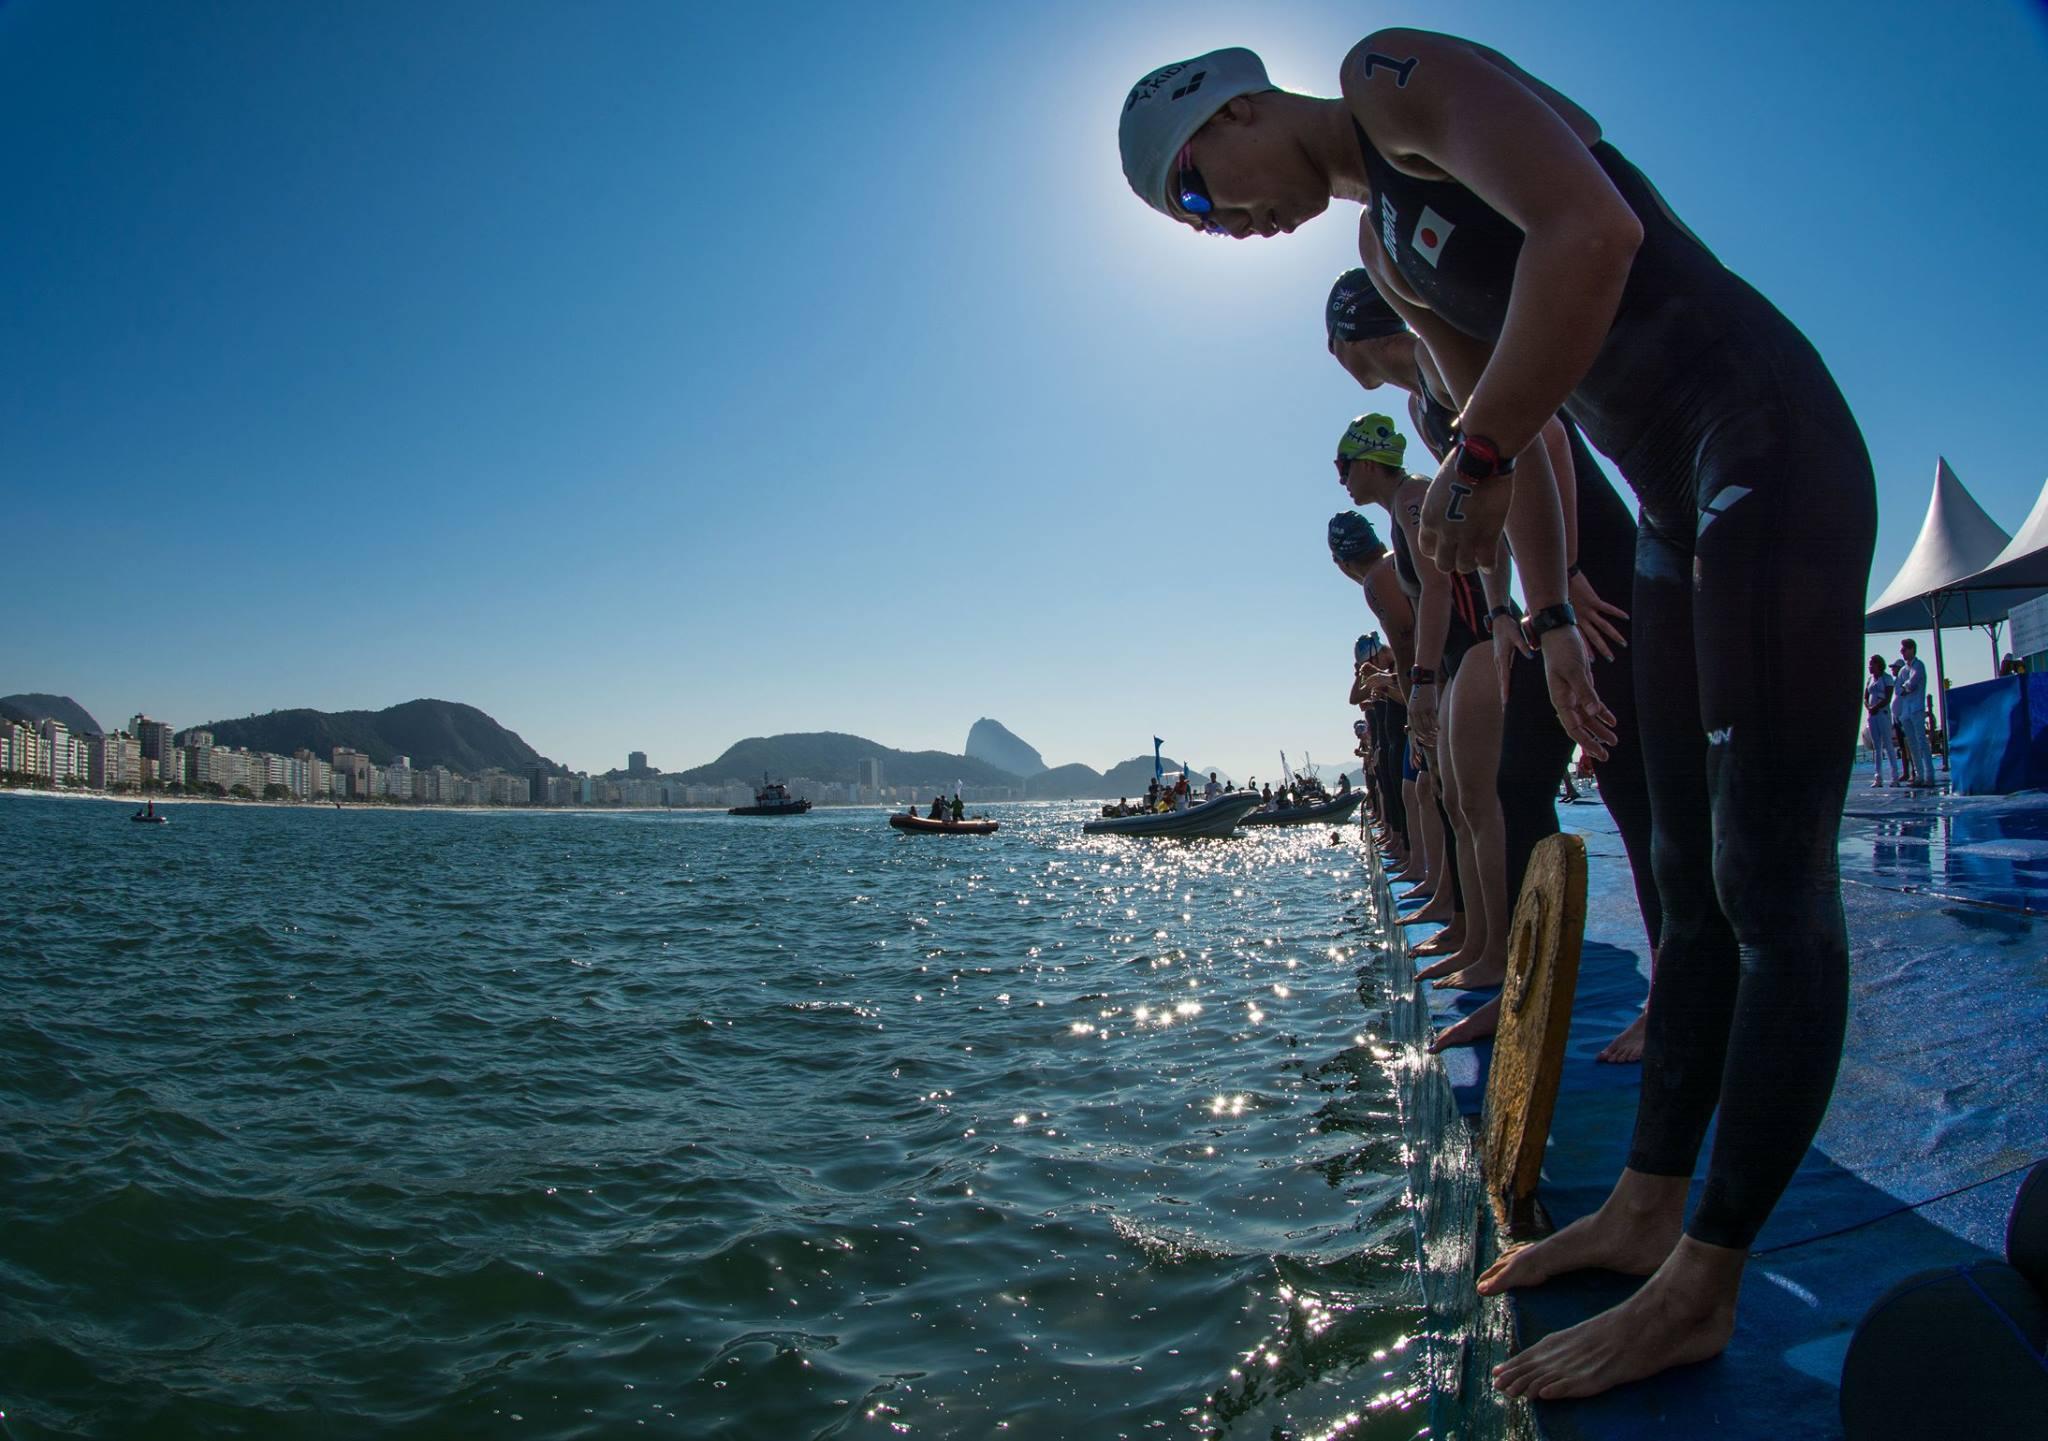 Evento Internacional de Maratona Aquática, #AqueceRio, em 23/08/2015